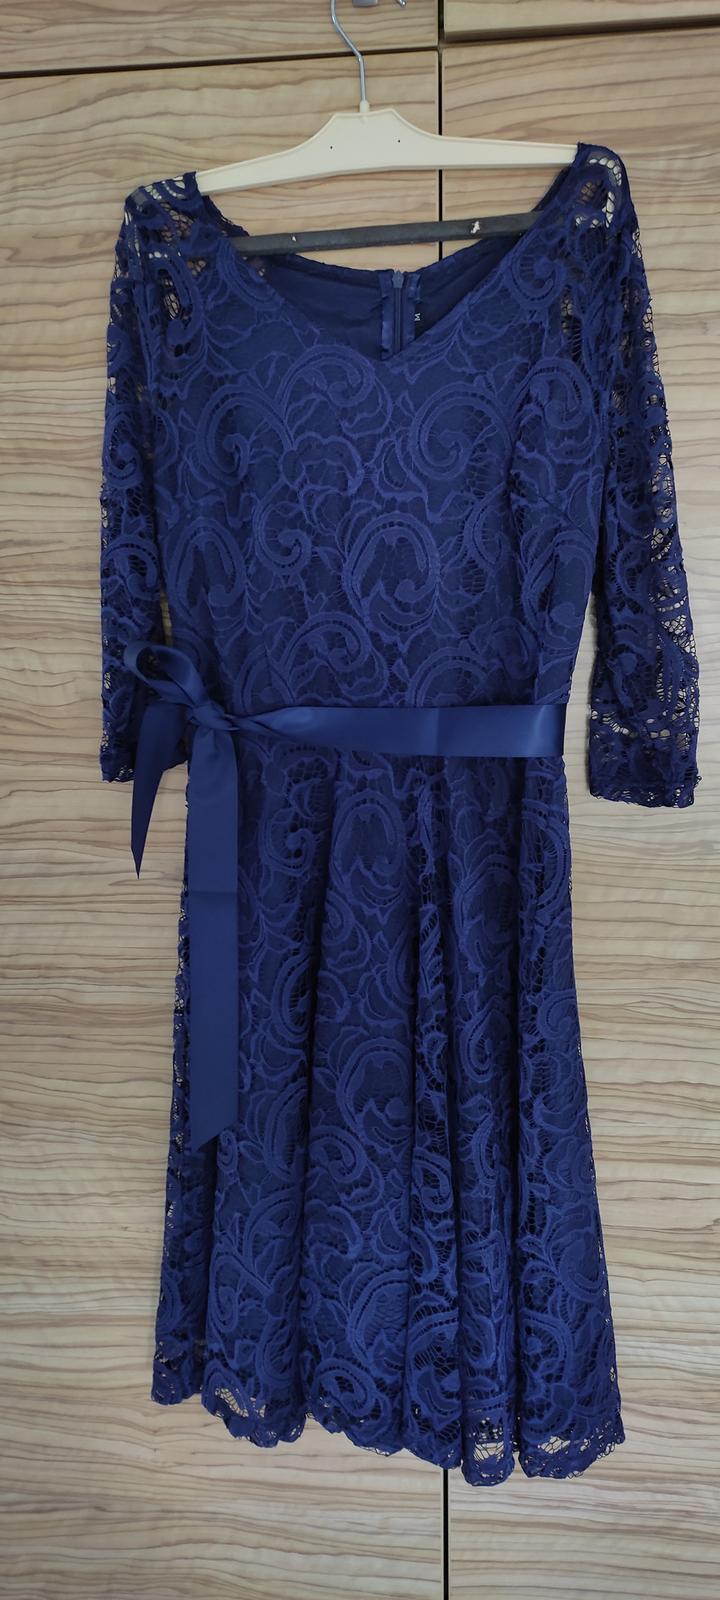 společenské šaty M - Obrázek č. 1